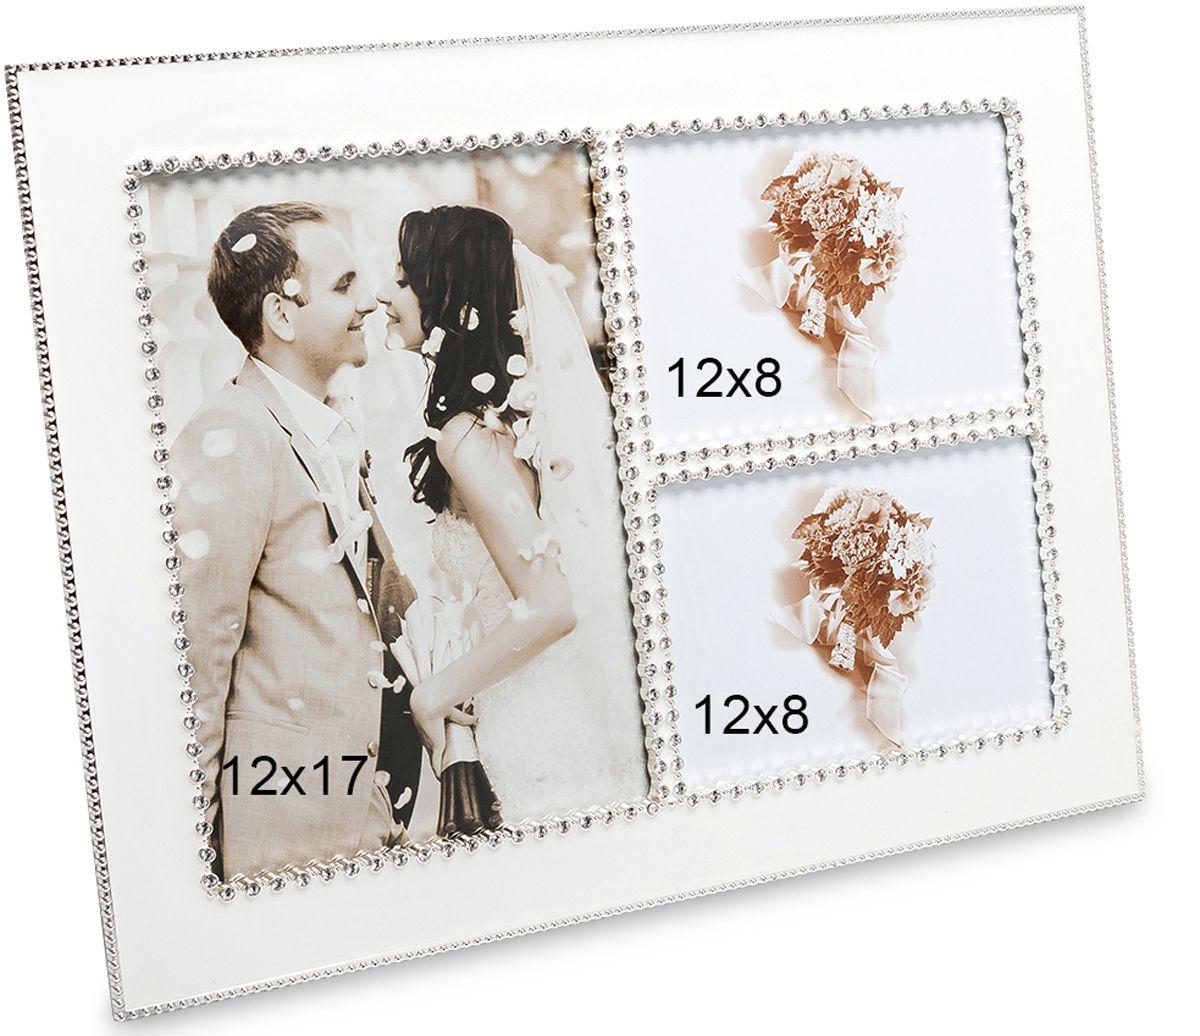 Фоторамка Bellezza Casa Мгновения любви, на 3 фото: 12х17, 12х8. CHK-181CHK-181Фоторамка на 3 фото для фотографий 12х17 и 12х8 см.Кто не вспоминает с нежностью свою историю любви, первое знакомство, романтические прогулки, пышность свадьбы, какие-то совершенно особенные моменты? Каждый хранит их где-то в самом теплом уголке сердца, и иногда бережно вынимает оттуда, чтобы еще раз почувствовать те невероятные ощущения. Рамка на три фото, созданная из серебристого металла, позволит чаще окунаться в романтический мир своих воспоминаний, если самые приятные моменты стали кадрами фотопленки. Теперь можно смотреть на них чаще и невольно улыбаться, вспоминая свою необычайную историю любви.